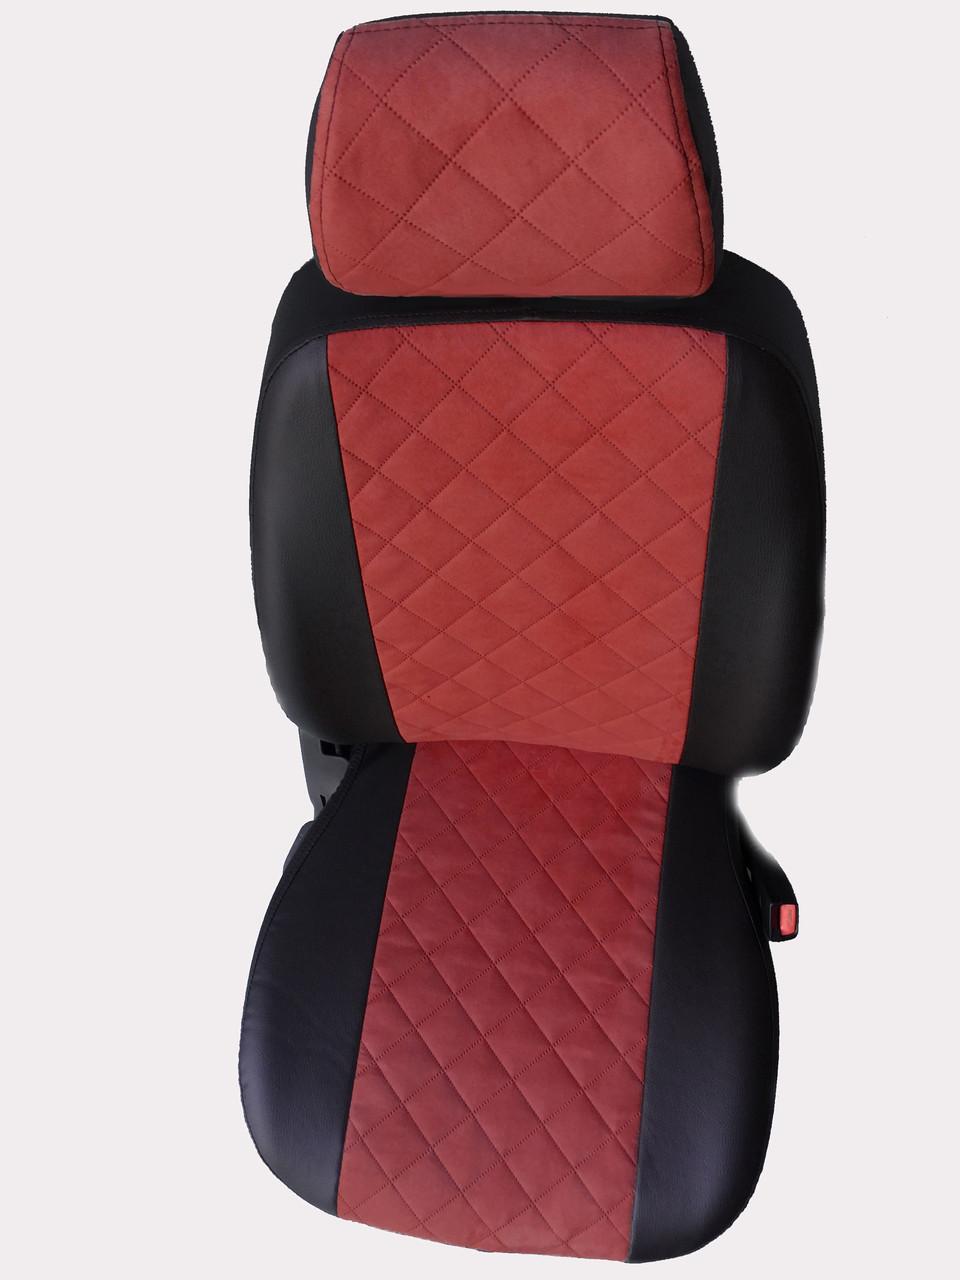 Чехлы на сиденья Шевроле Ланос (Chevrolet Lanos) (универсальные, экокожа+Алькантара, с отдельным подголовником)